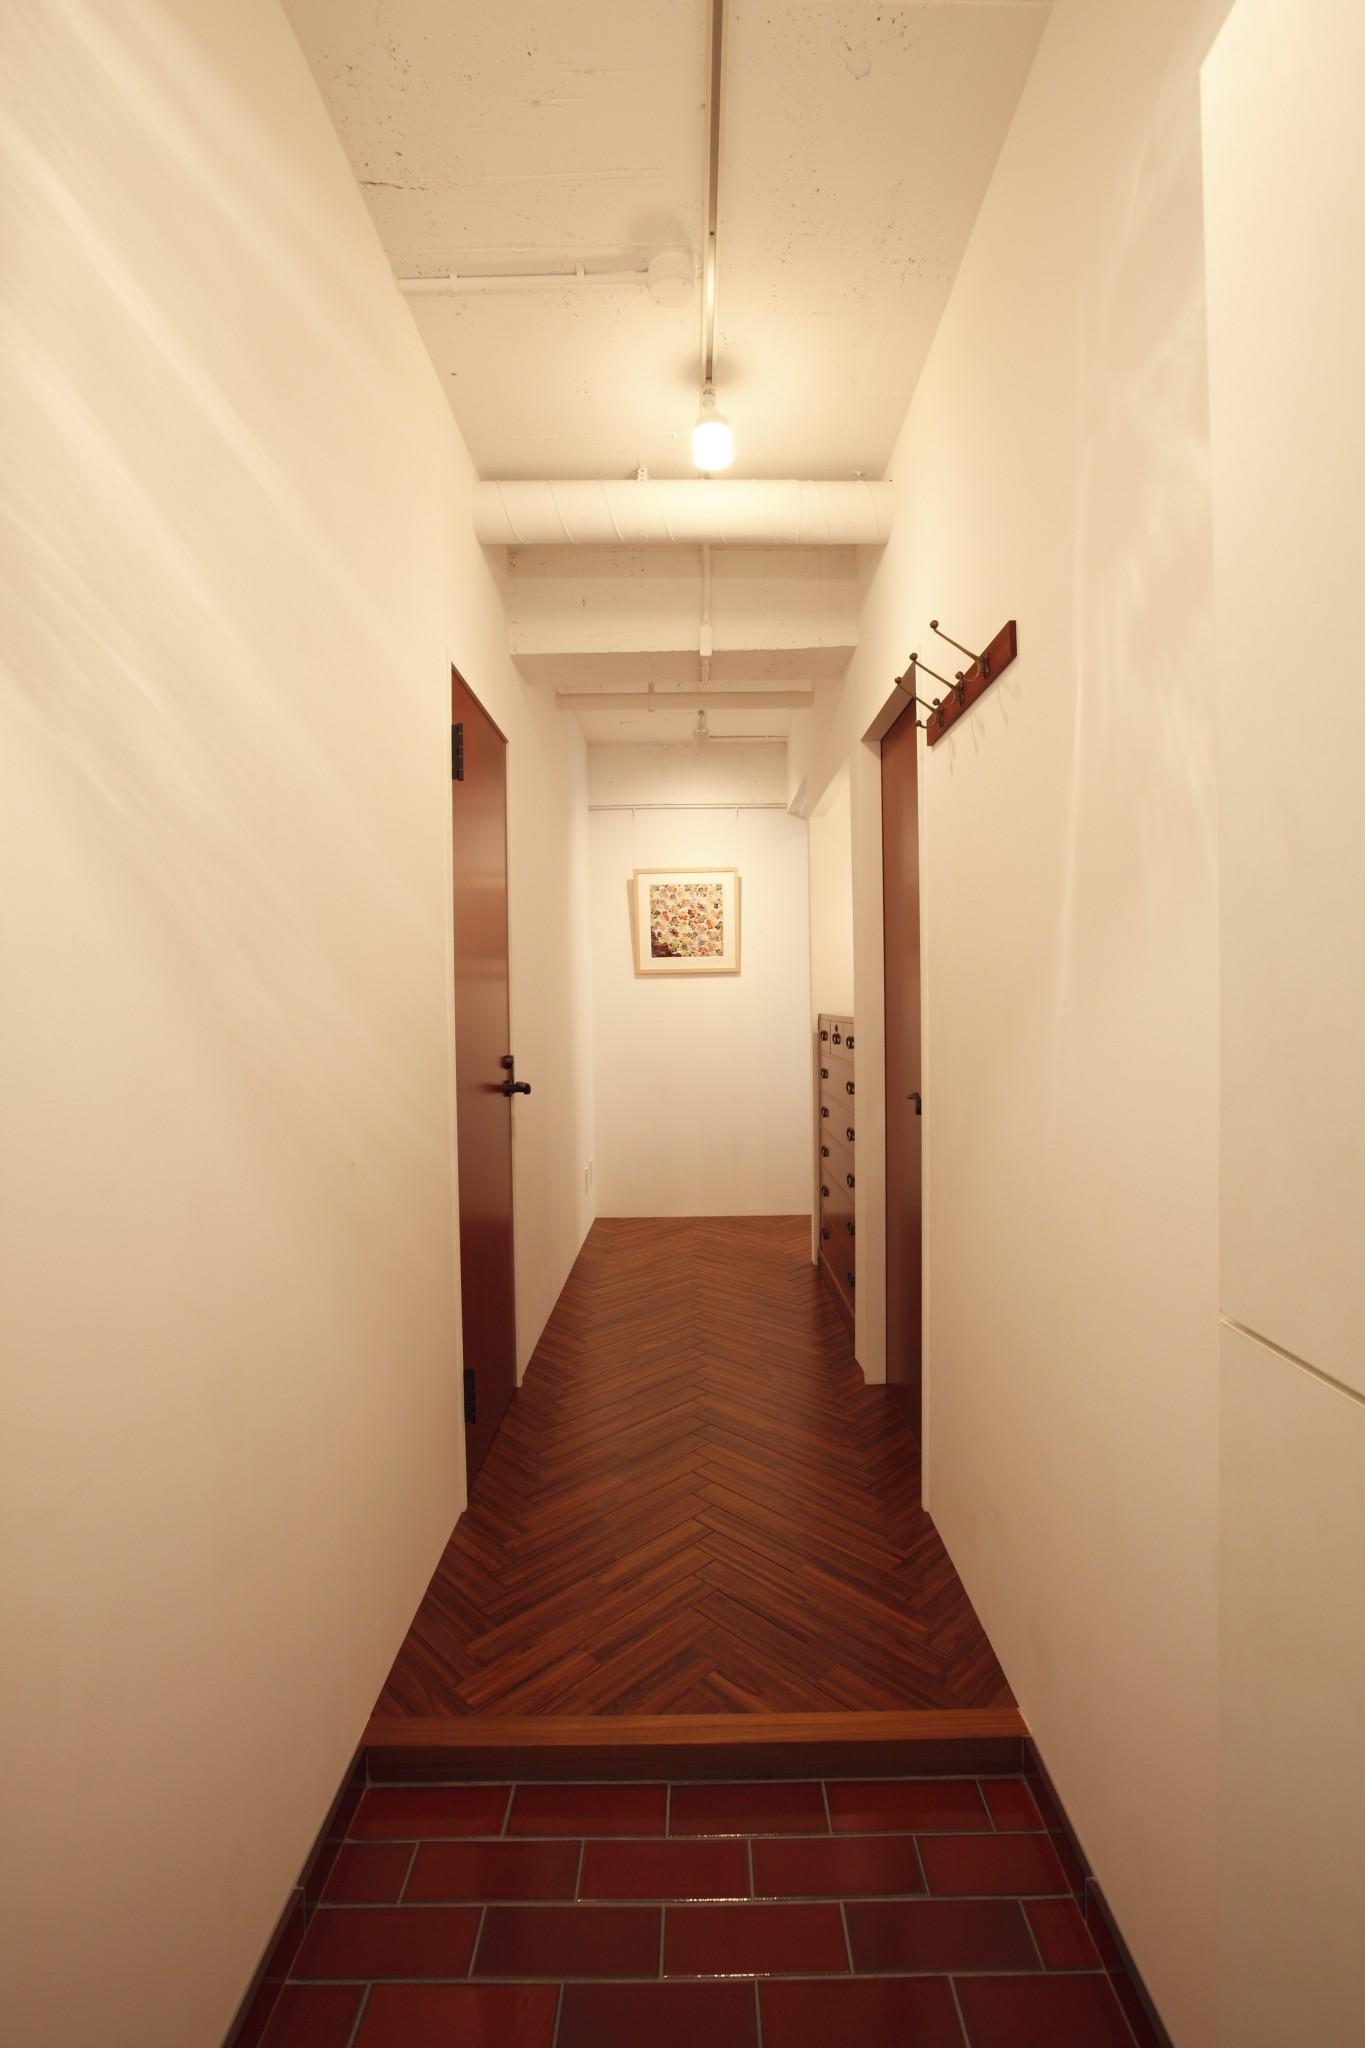 ブルック、煉瓦、タイル、玄関、廊下、リノベーション